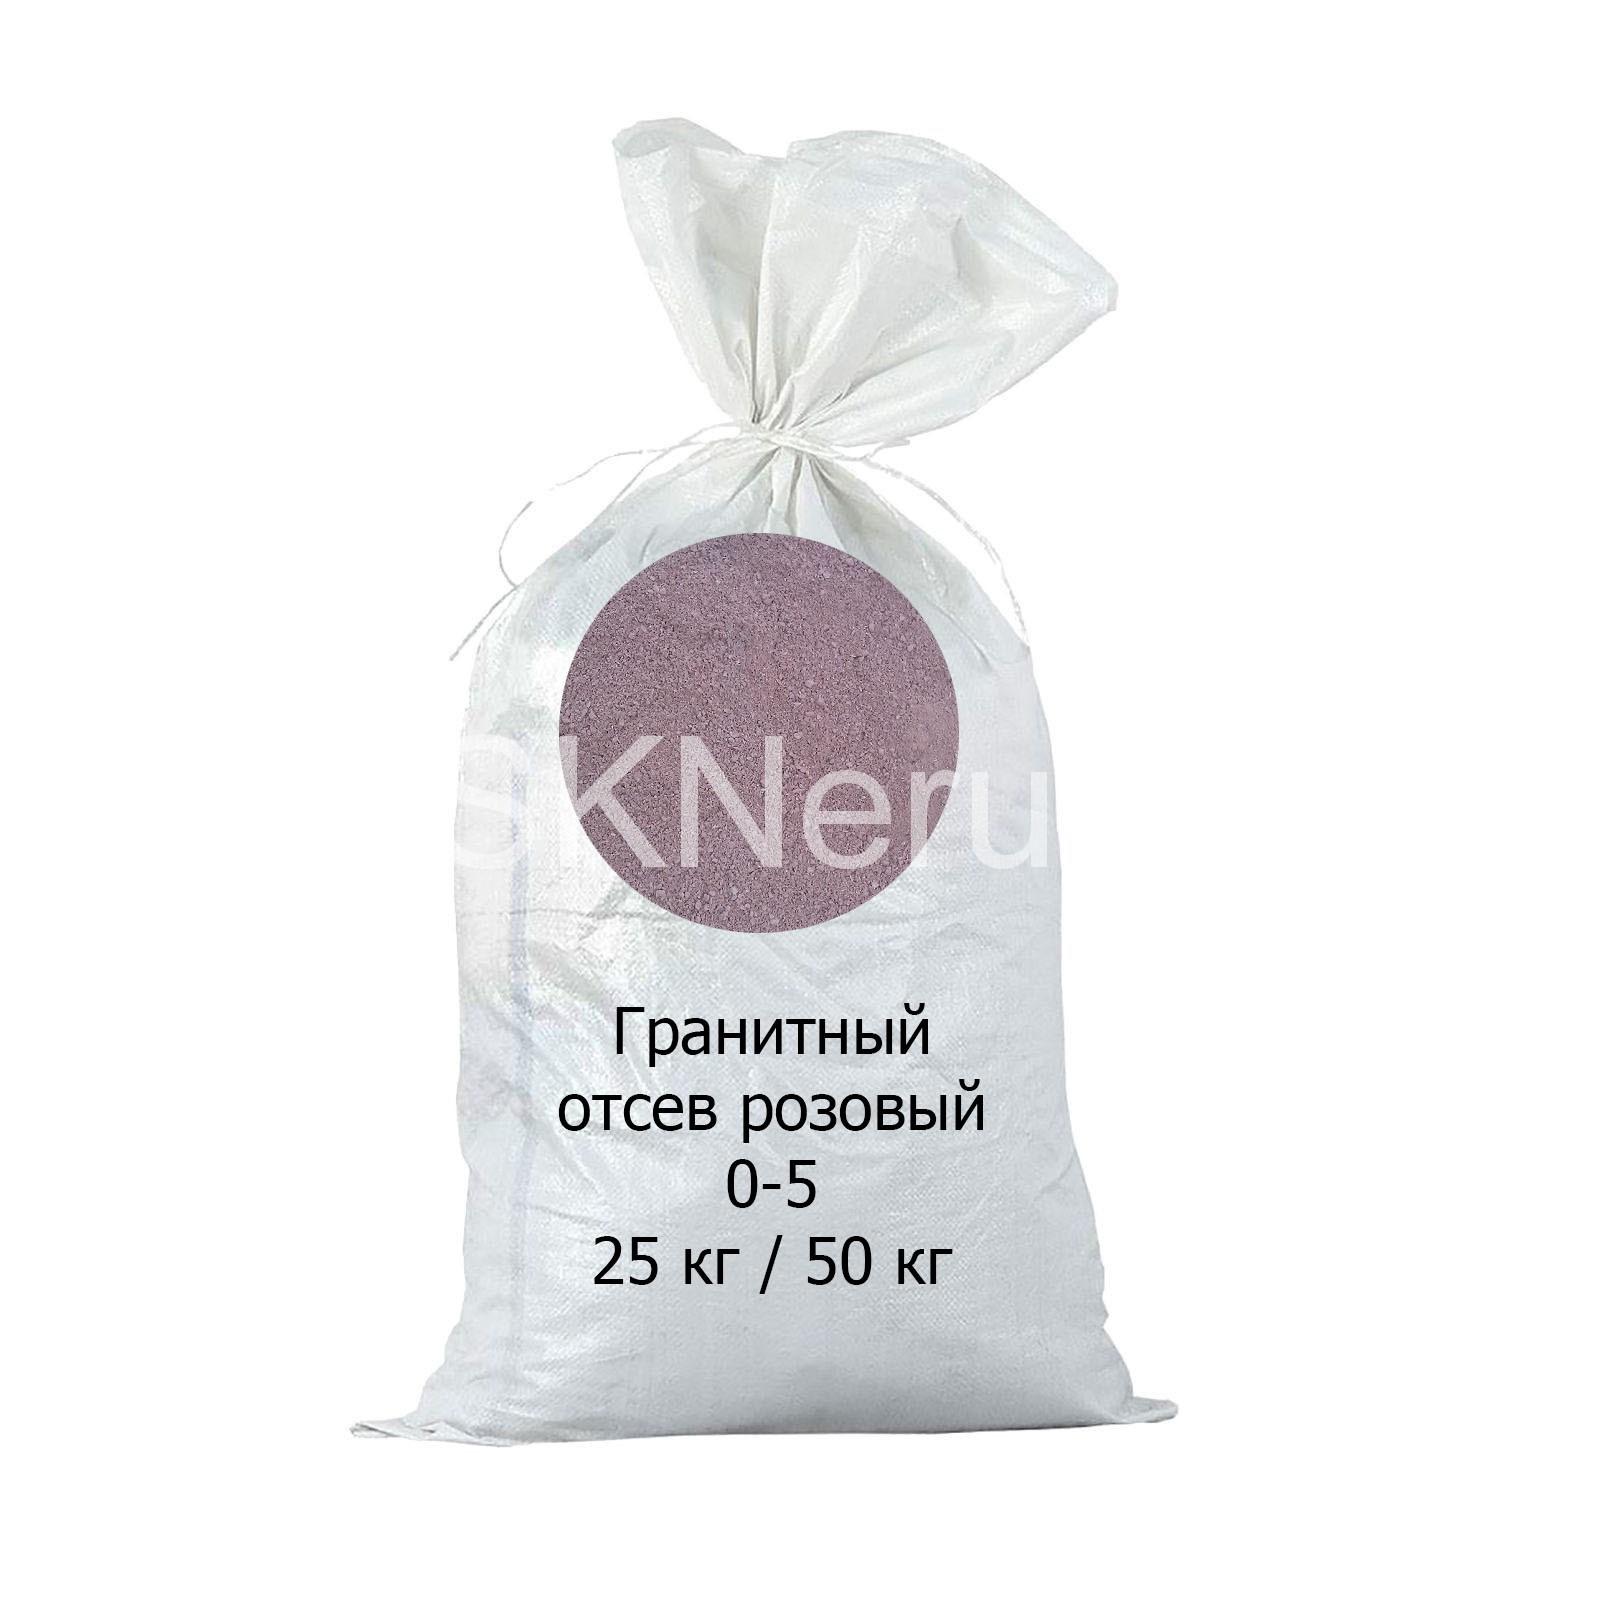 Отсев гранитный 0-5 розовый в мешках 25 кг